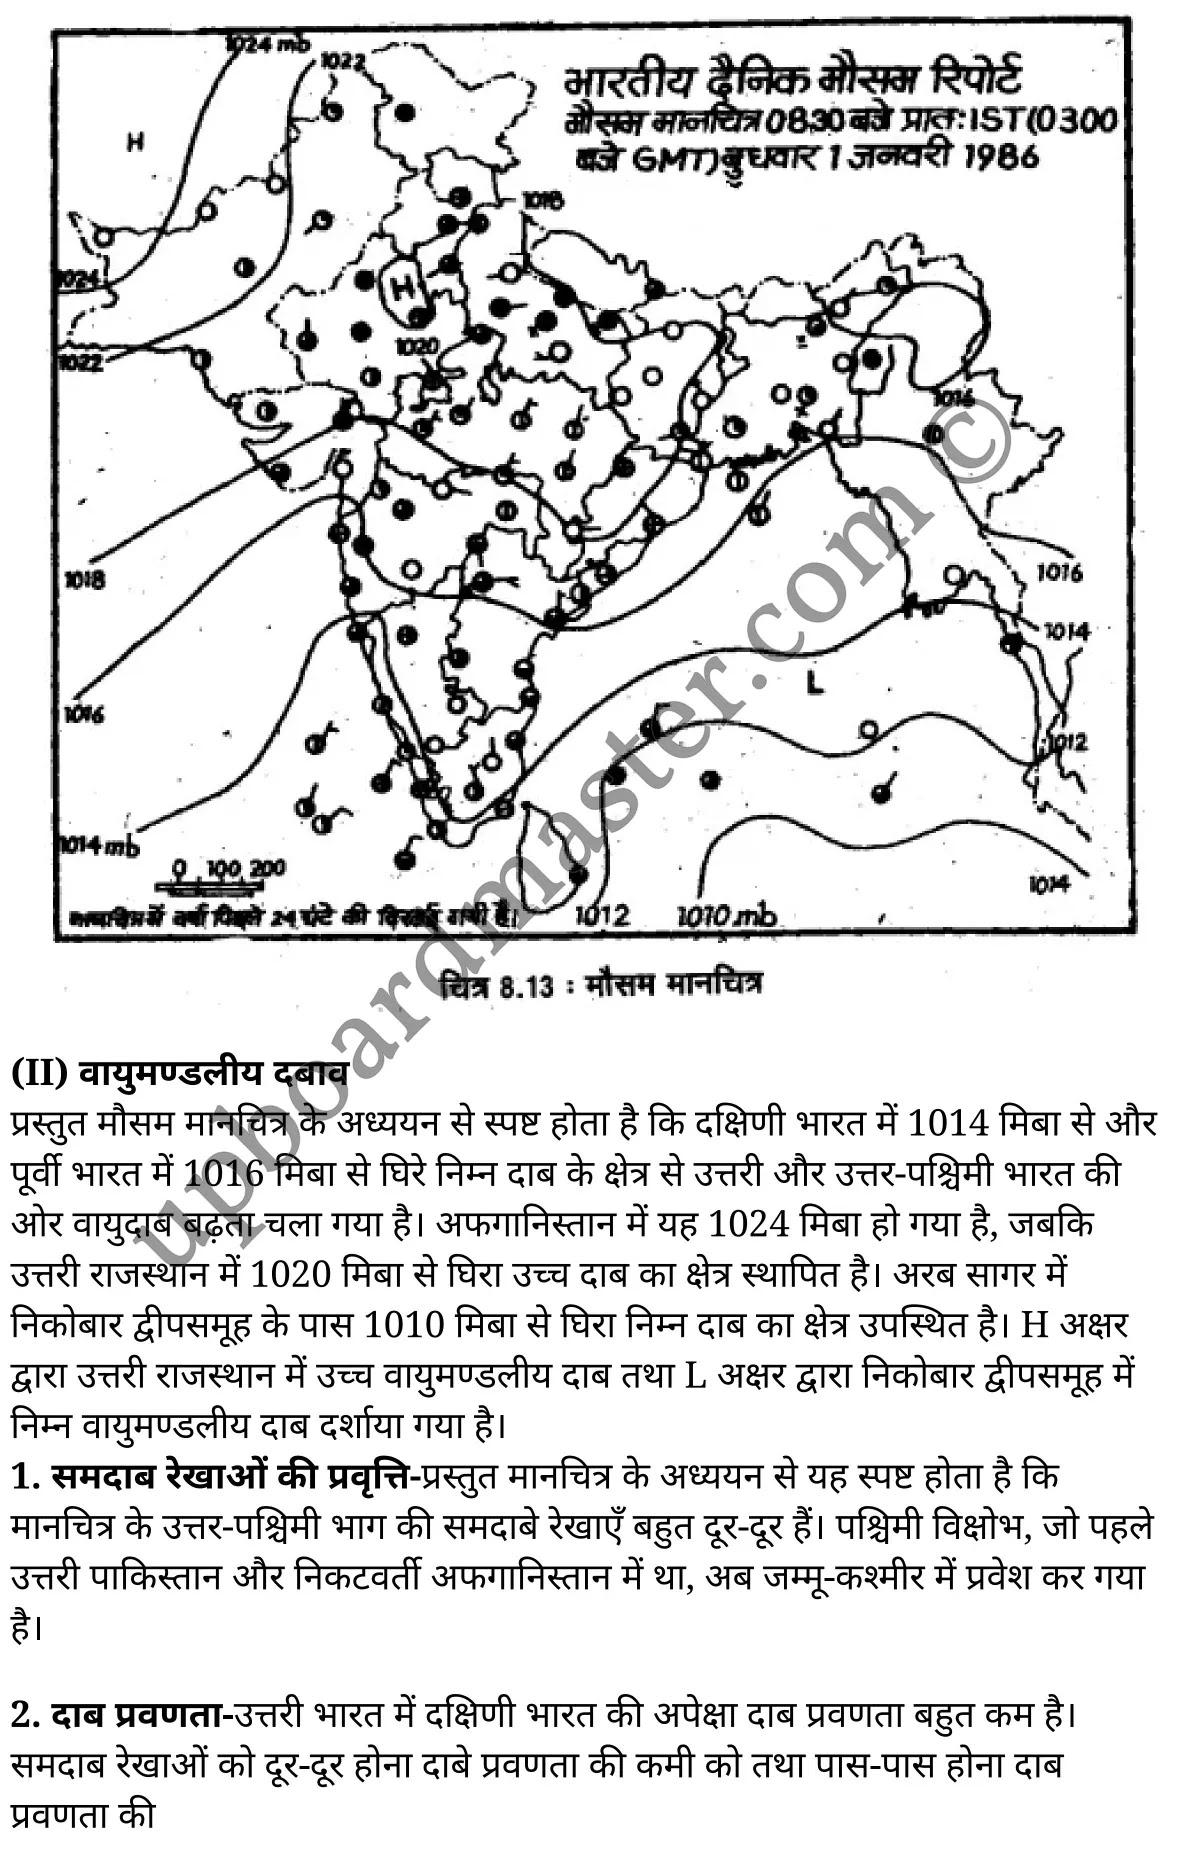 कक्षा 11 भूगोल  व्यावहारिक कार्य अध्याय 8  के नोट्स  हिंदी में एनसीईआरटी समाधान,   class 11 geography chapter 8,  class 11 geography chapter 8 ncert solutions in geography,  class 11 geography chapter 8 notes in hindi,  class 11 geography chapter 8 question answer,  class 11 geography  chapter 8 notes,  class 11 geography  chapter 8 class 11 geography  chapter 8 in  hindi,   class 11 geography chapter 8 important questions in  hindi,  class 11 geography hindi  chapter 8 notes in hindi,   class 11 geography  chapter 8 test,  class 11 geography  chapter 8 class 11 geography  chapter 8 pdf,  class 11 geography chapter 8 notes pdf,  class 11 geography  chapter 8 exercise solutions,  class 11 geography  chapter 8, class 11 geography  chapter 8 notes study rankers,  class 11 geography  chapter 8 notes,  class 11 geography hindi  chapter 8 notes,   class 11 geography chapter 8  class 11  notes pdf,  class 11 geography  chapter 8 class 11  notes  ncert,  class 11 geography  chapter 8 class 11 pdf,  class 11 geography chapter 8  book,  class 11 geography chapter 8 quiz class 11  ,     11  th class 11 geography chapter 8    book up board,   up board 11  th class 11 geography chapter 8 notes,  class 11 Geography  Practical Work chapter 8,  class 11 Geography  Practical Work chapter 8 ncert solutions in geography,  class 11 Geography  Practical Work chapter 8 notes in hindi,  class 11 Geography  Practical Work chapter 8 question answer,  class 11 Geography  Practical Work  chapter 8 notes,  class 11 Geography  Practical Work  chapter 8 class 11 geography  chapter 8 in  hindi,   class 11 Geography  Practical Work chapter 8 important questions in  hindi,  class 11 Geography  Practical Work  chapter 8 notes in hindi,   class 11 Geography  Practical Work  chapter 8 test,  class 11 Geography  Practical Work  chapter 8 class 11 geography  chapter 8 pdf,  class 11 Geography  Practical Work chapter 8 notes pdf,  class 11 Geography  Practical Work  chapter 8 exercise solutions,  class 1